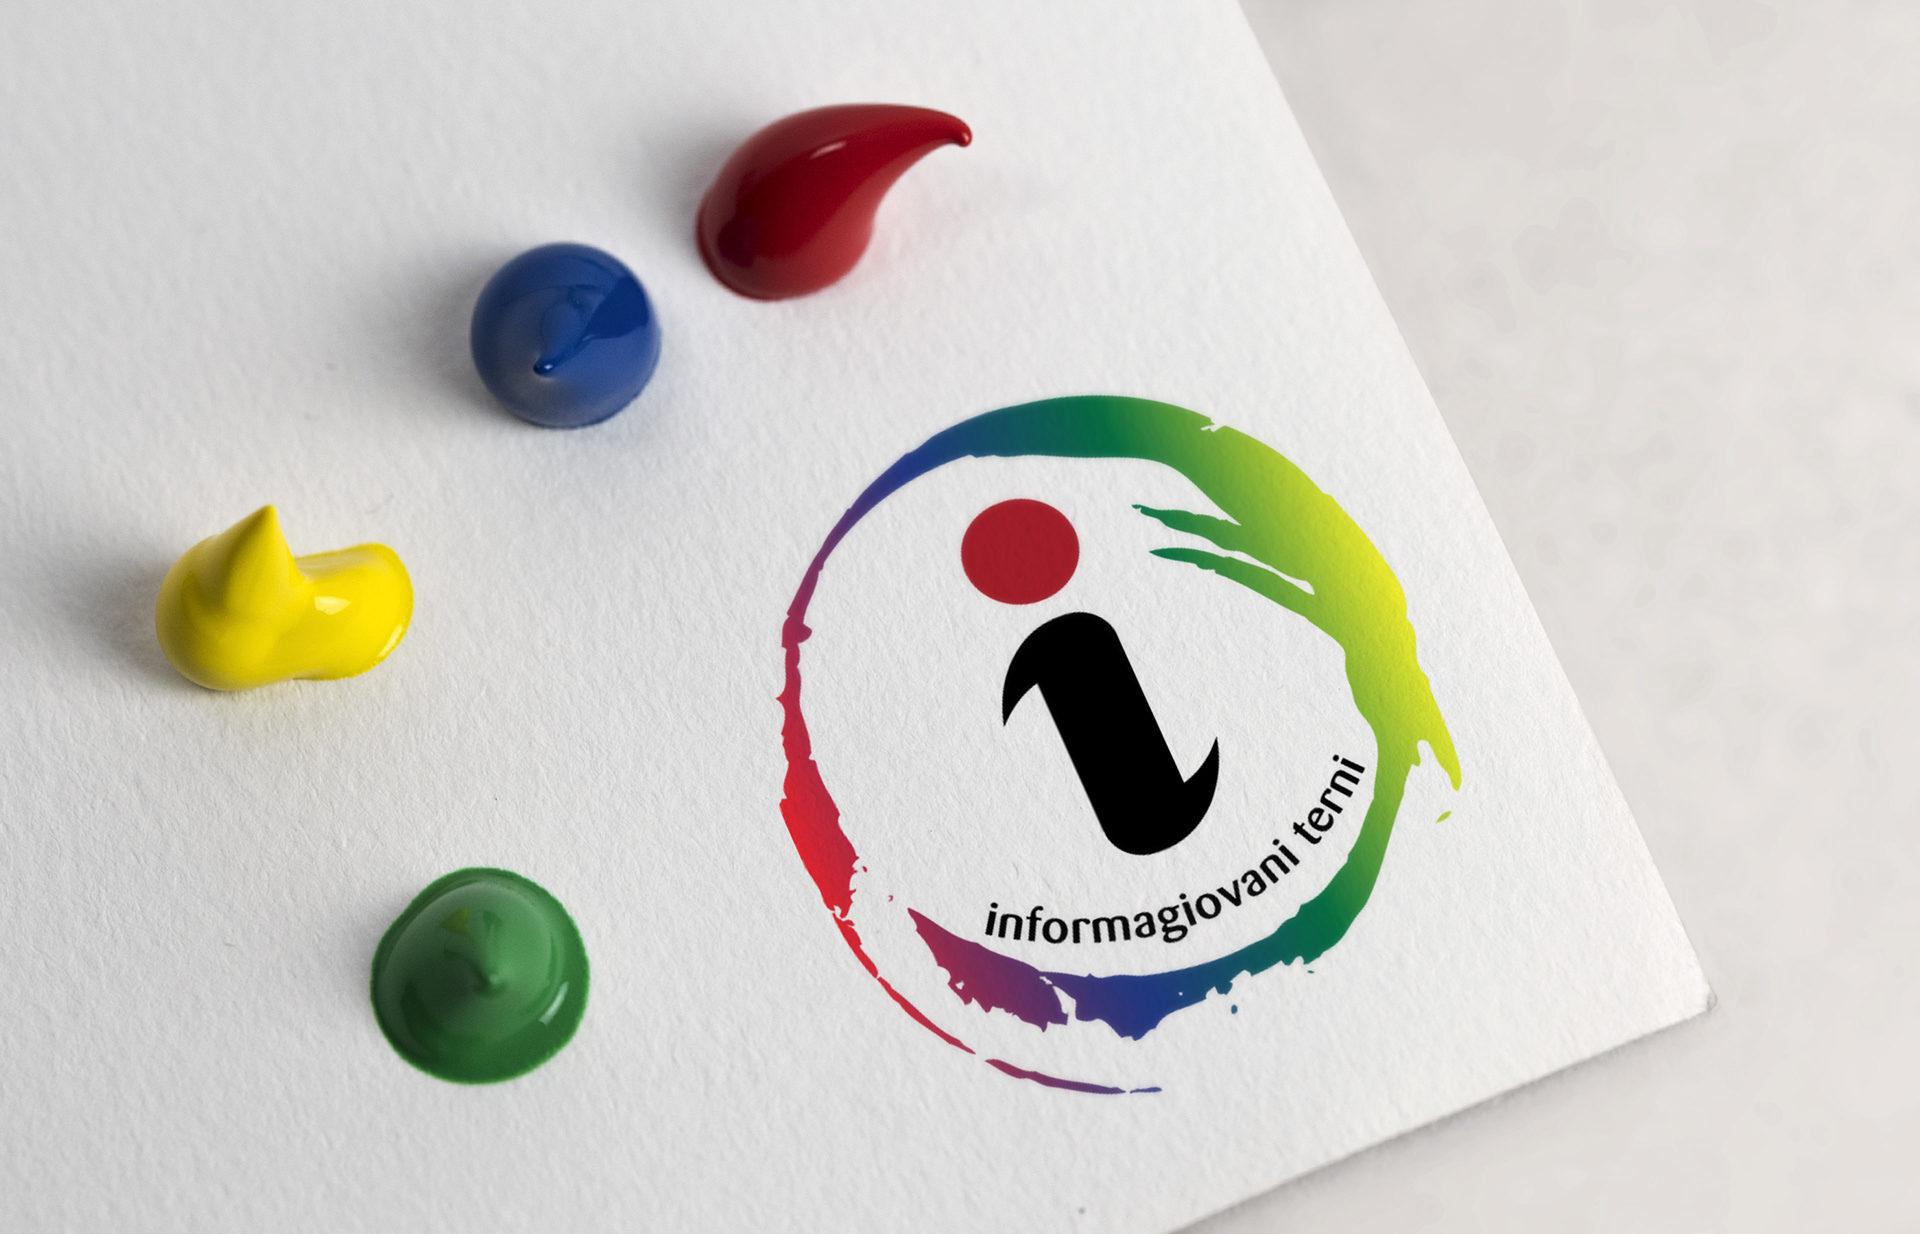 Logo Informagiovani Terni